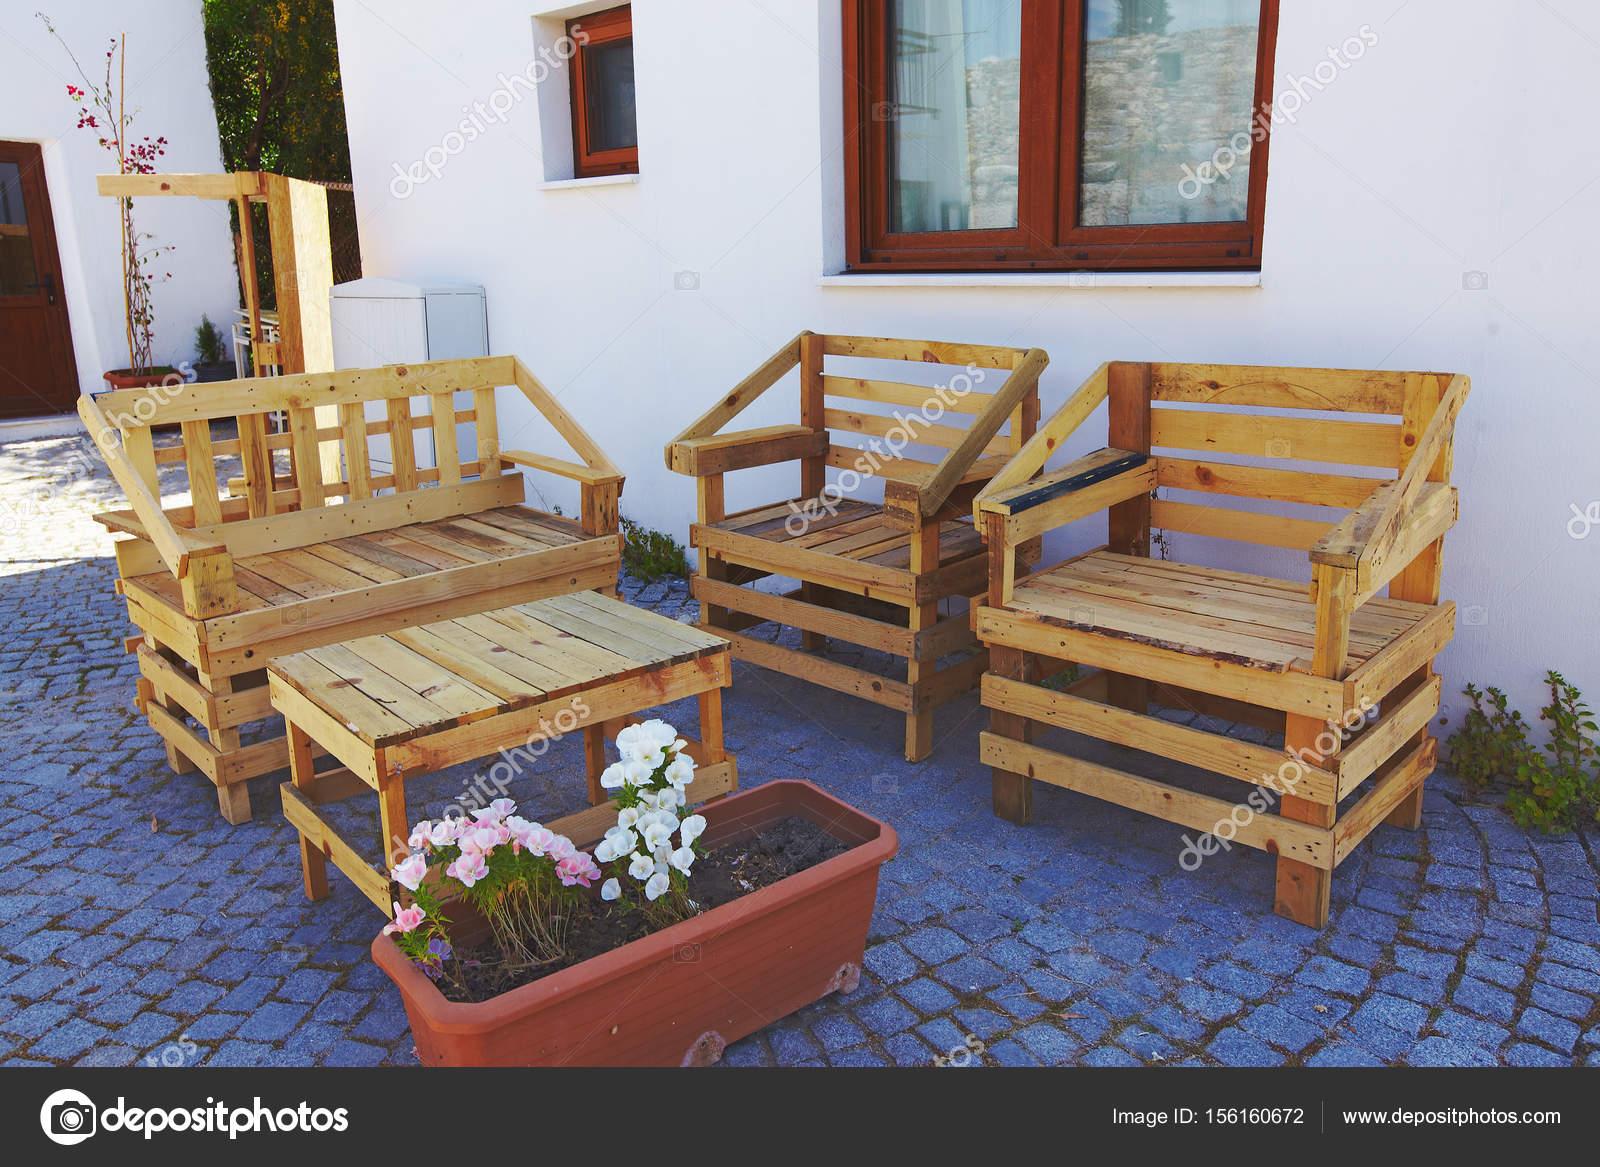 Muebles De Jardin Hechos Con Palets Muebles Para Exterior Con  # Muebles Hechos A Mano